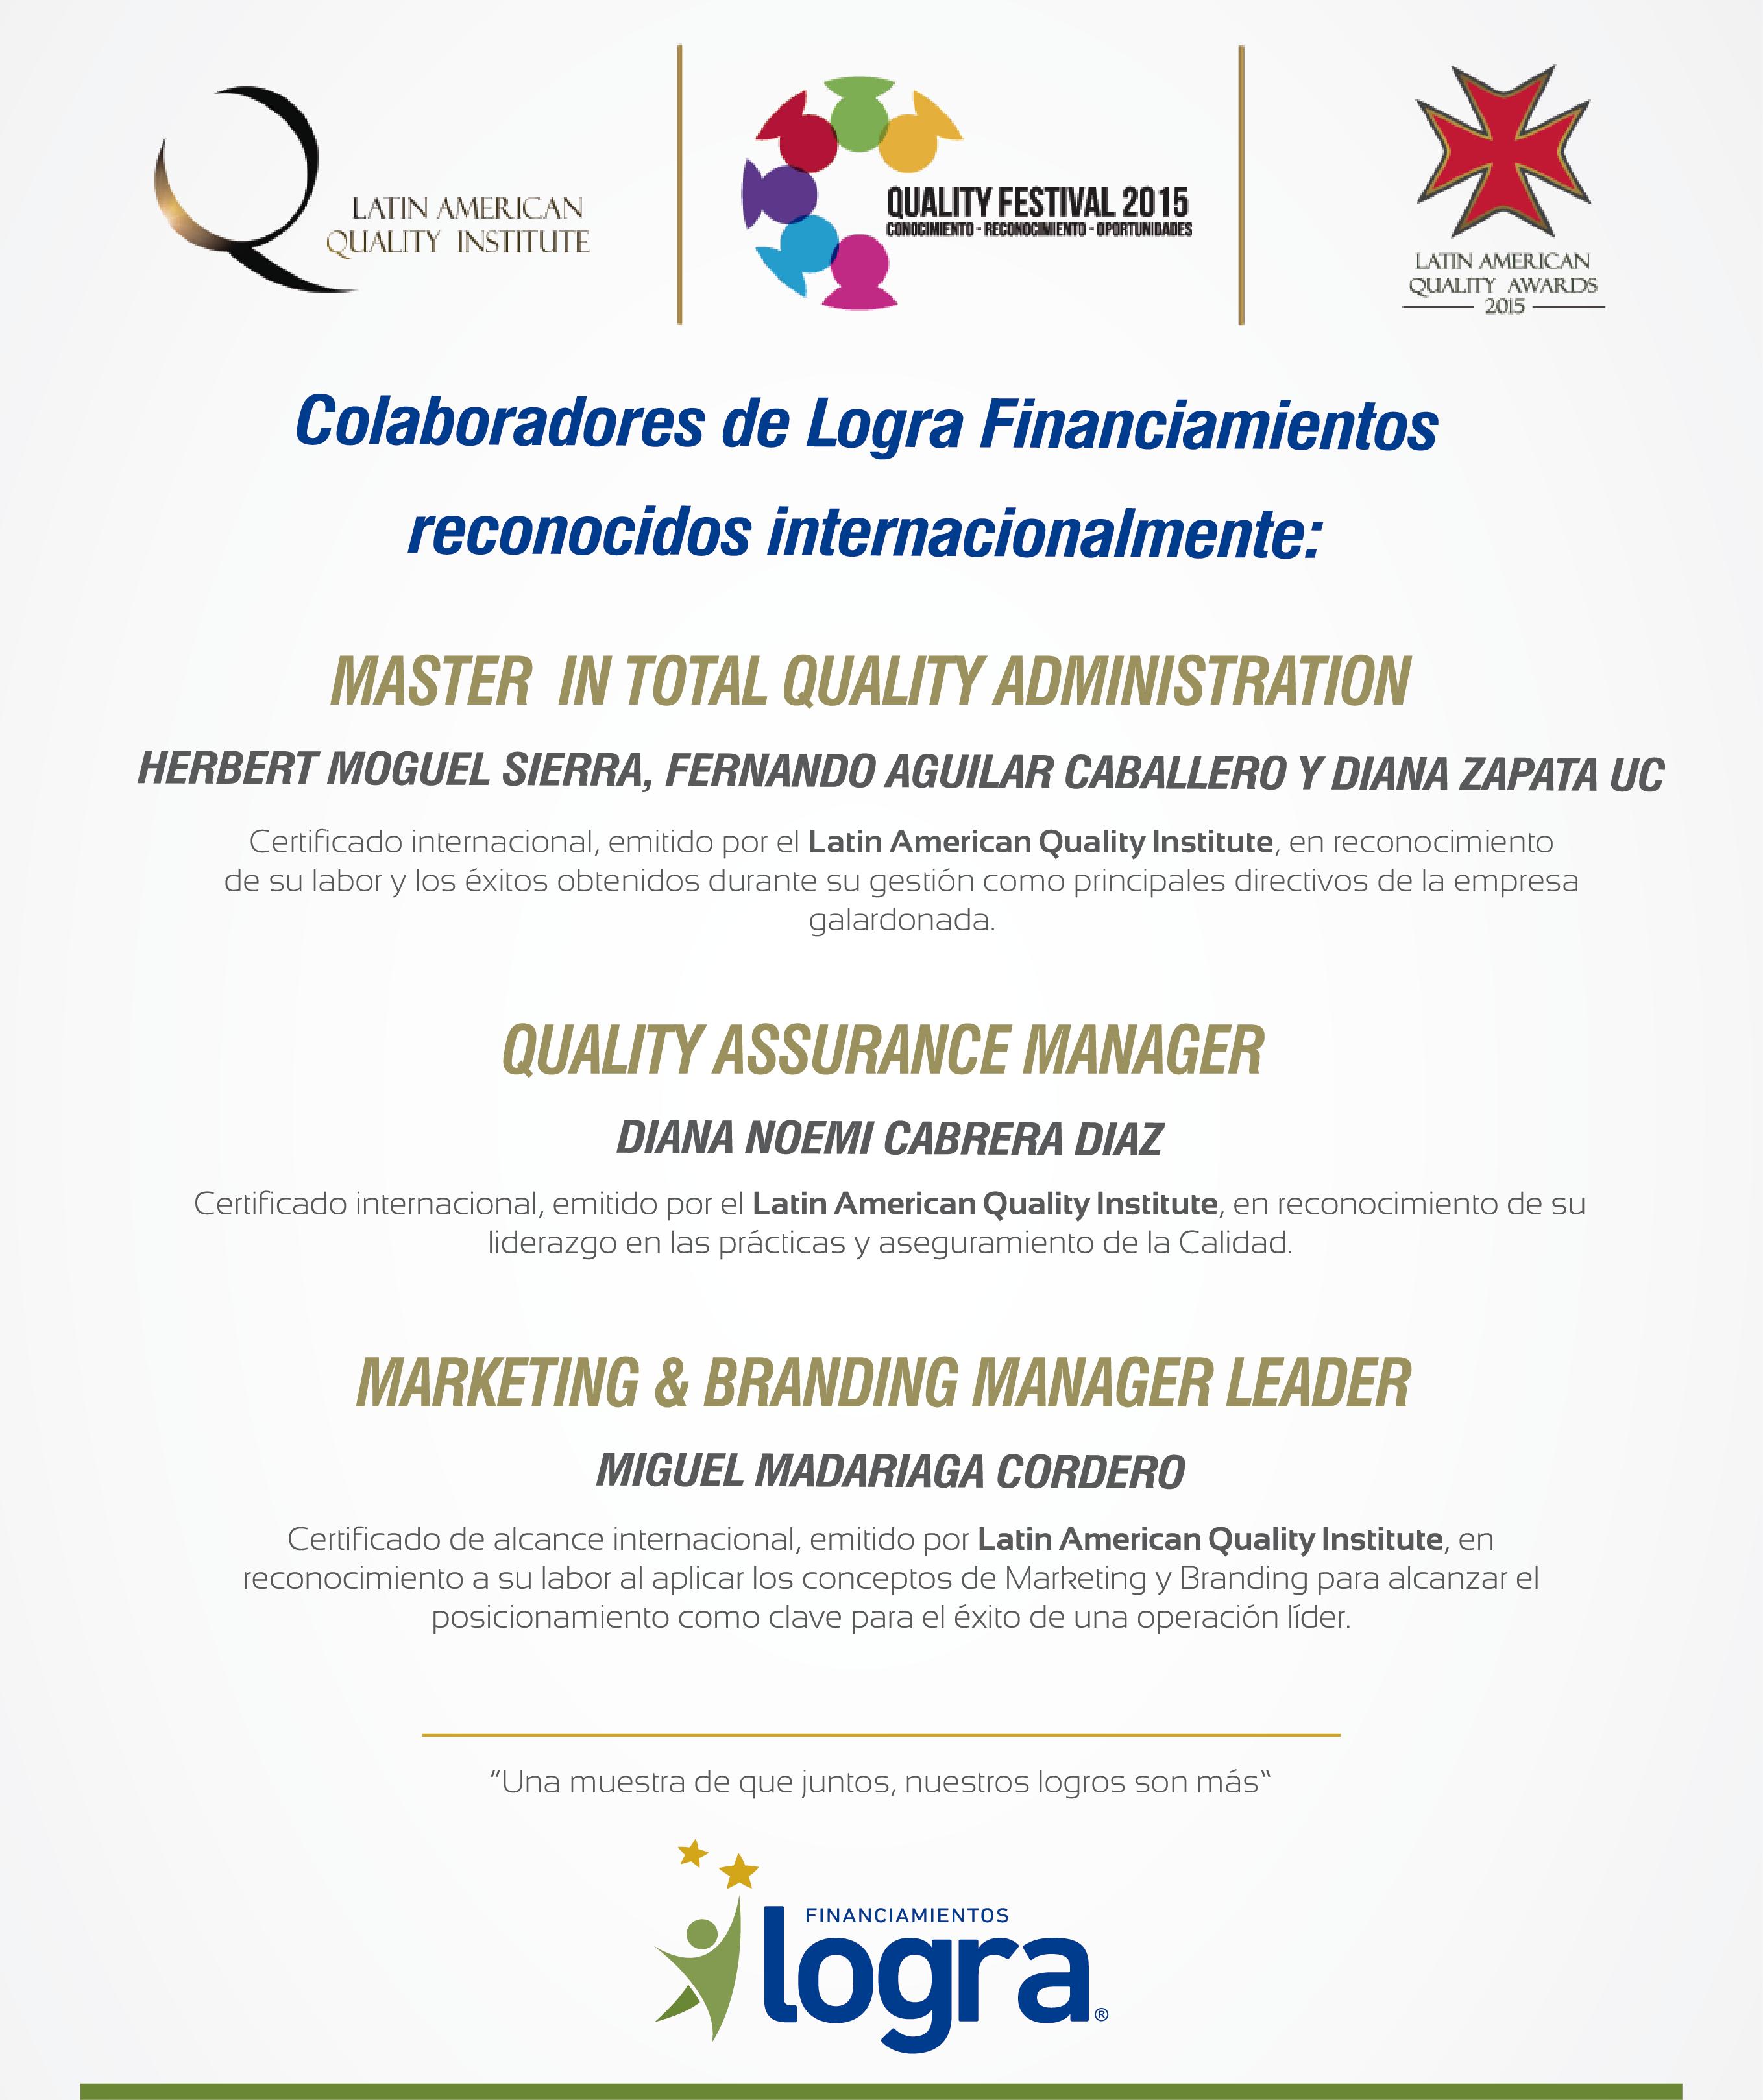 Latin American Quality Award 2015 - Colaboradores Logra curvas